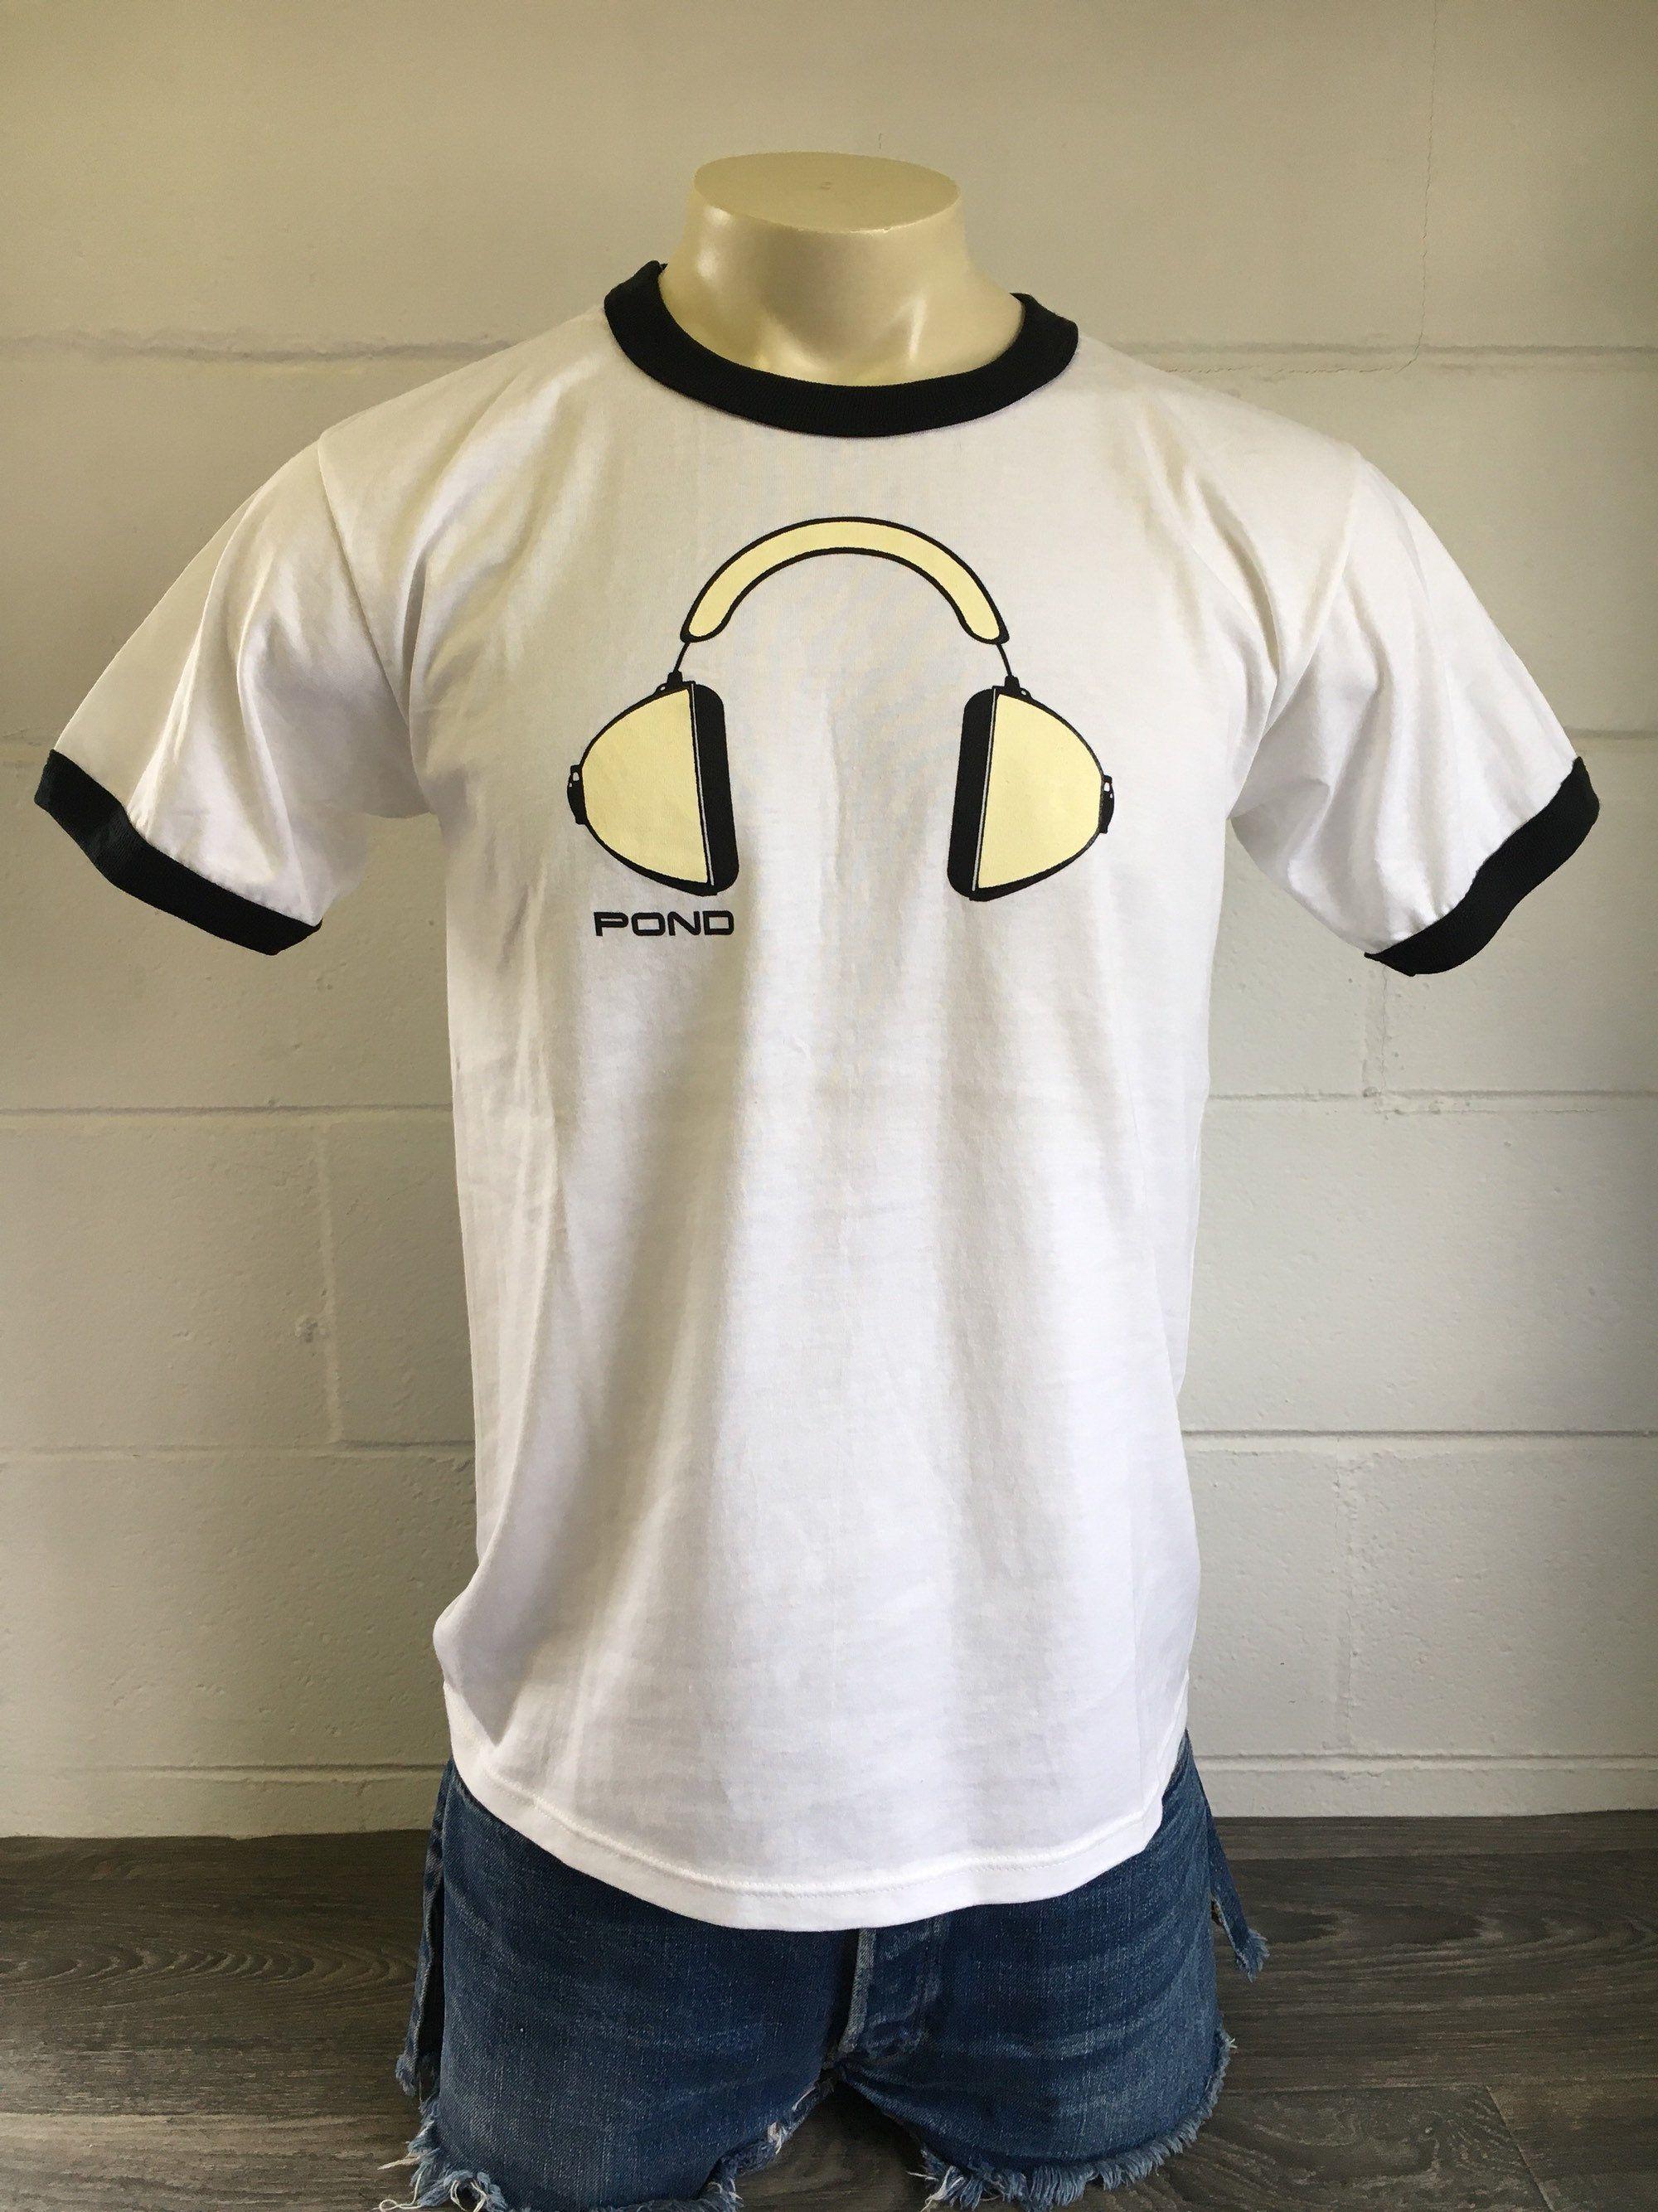 d5f8e6bdf5680 Pond Band Tshirt Vintage 90s Portland Sub Pop Ringer Shirt Grunge ...